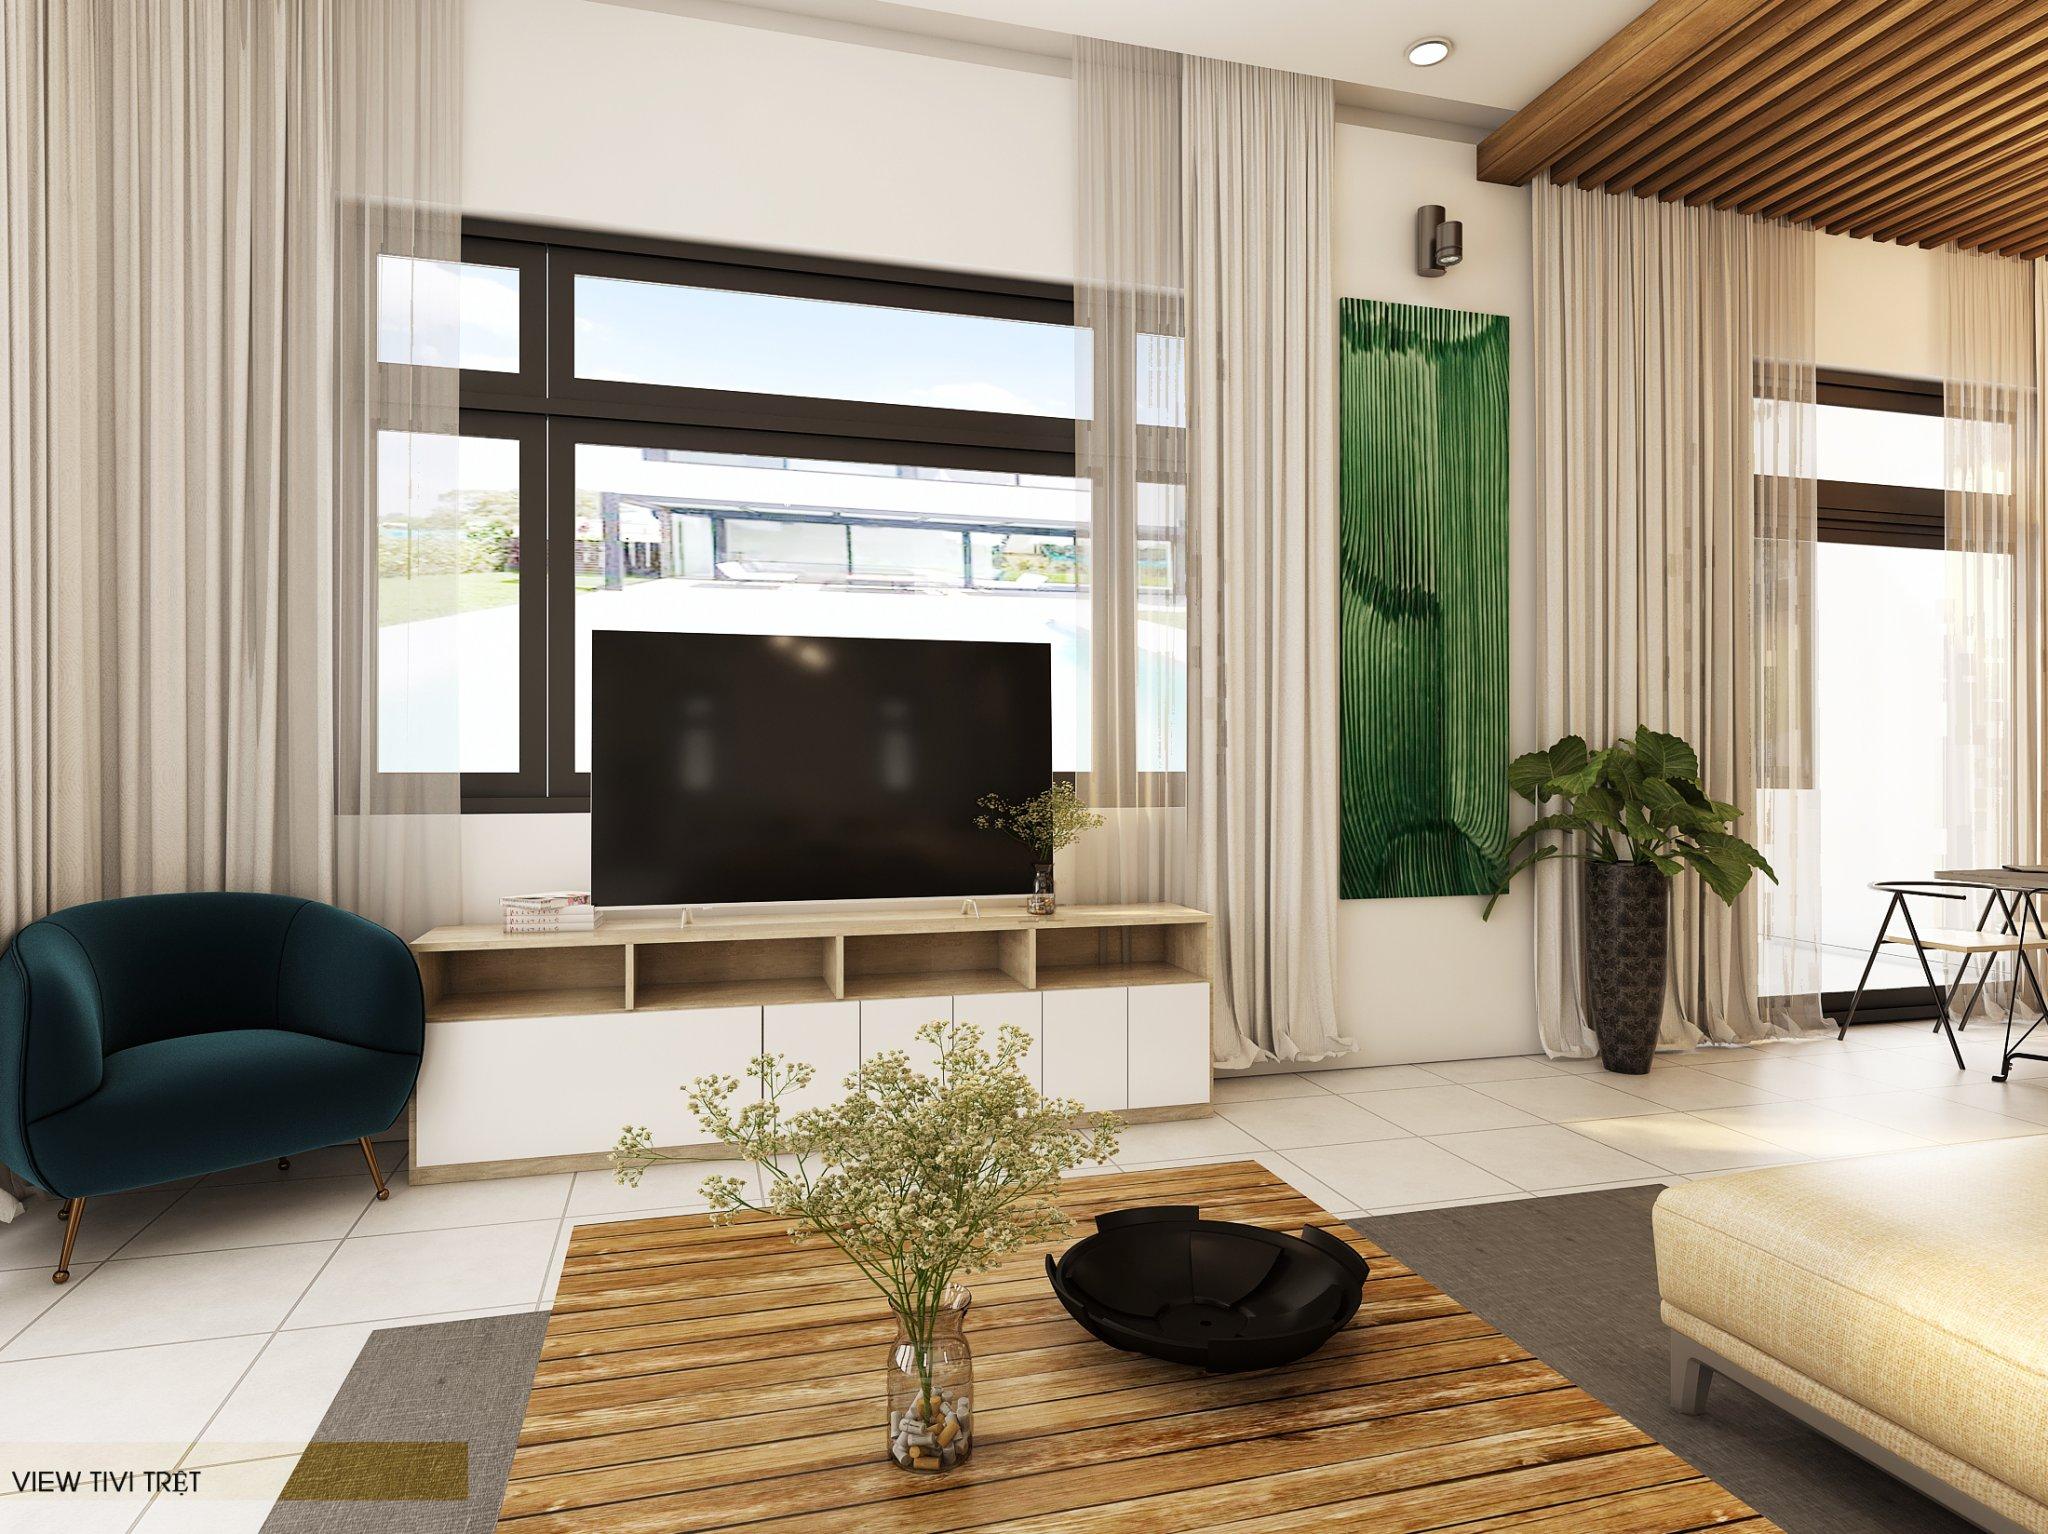 noi that hien dai biet thu 2 tang mini 12 [KHÔNG PHÁT SINH] xây nhà biệt thự 2 tầng ở Đồng Nai từ thiết kế đến hoàn công